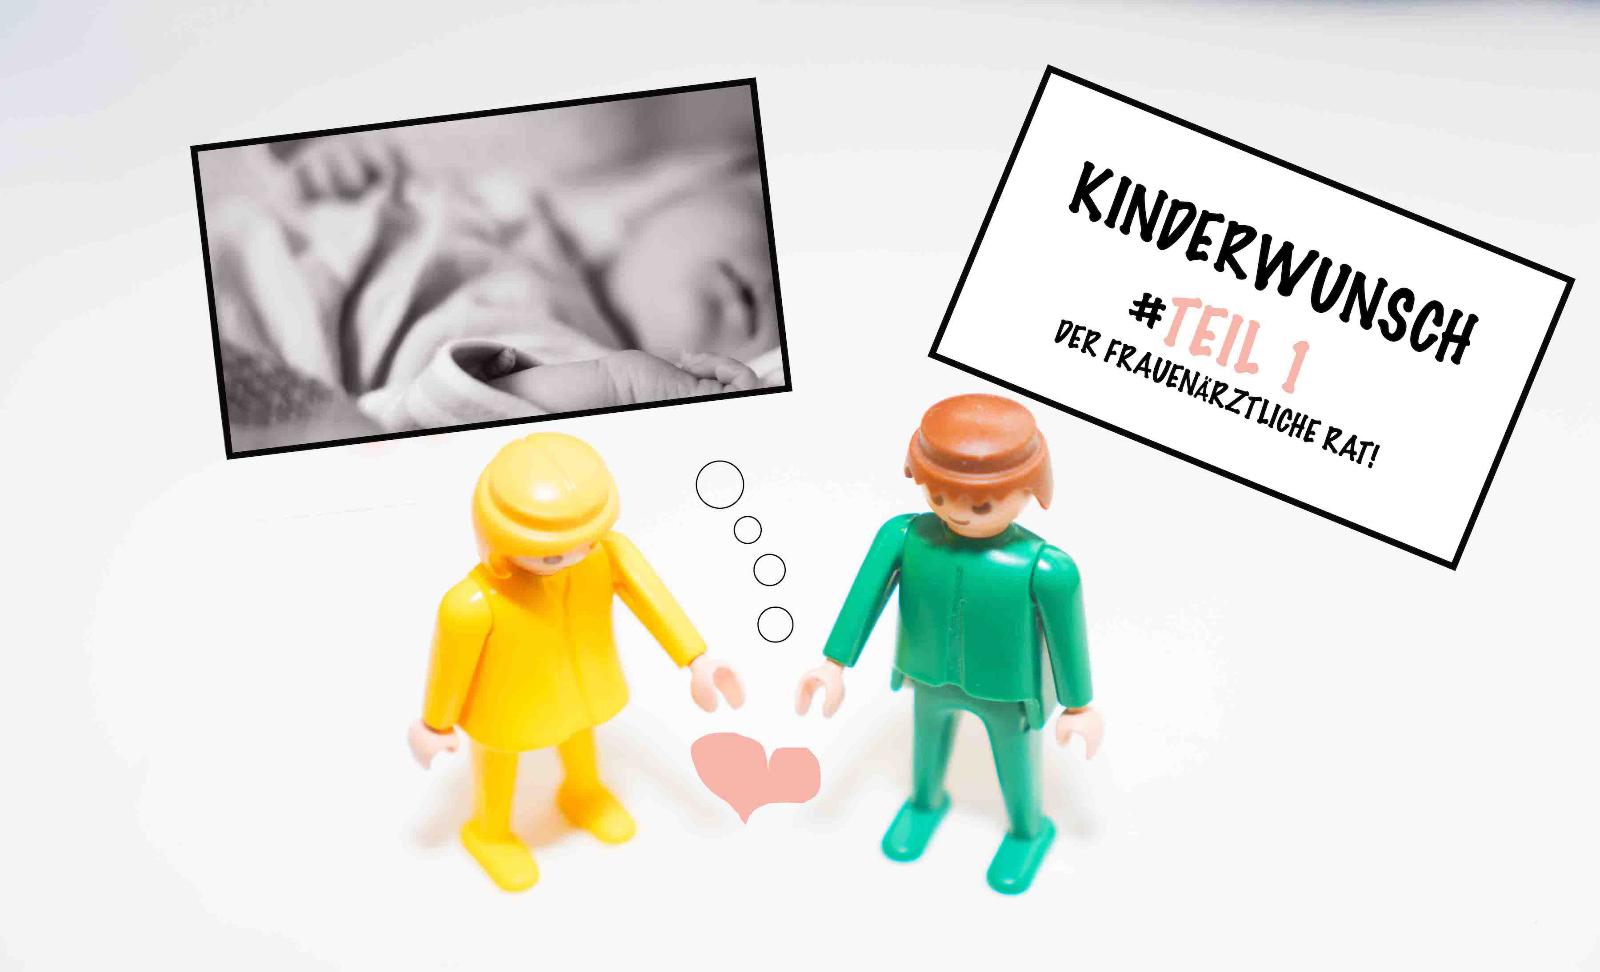 Kinderwunsch Kinderwunschexperte schwanger werden Fruchtbarkeit Mamablog Frauenärztin Mamablog Kiel Hamburg MutterKutter